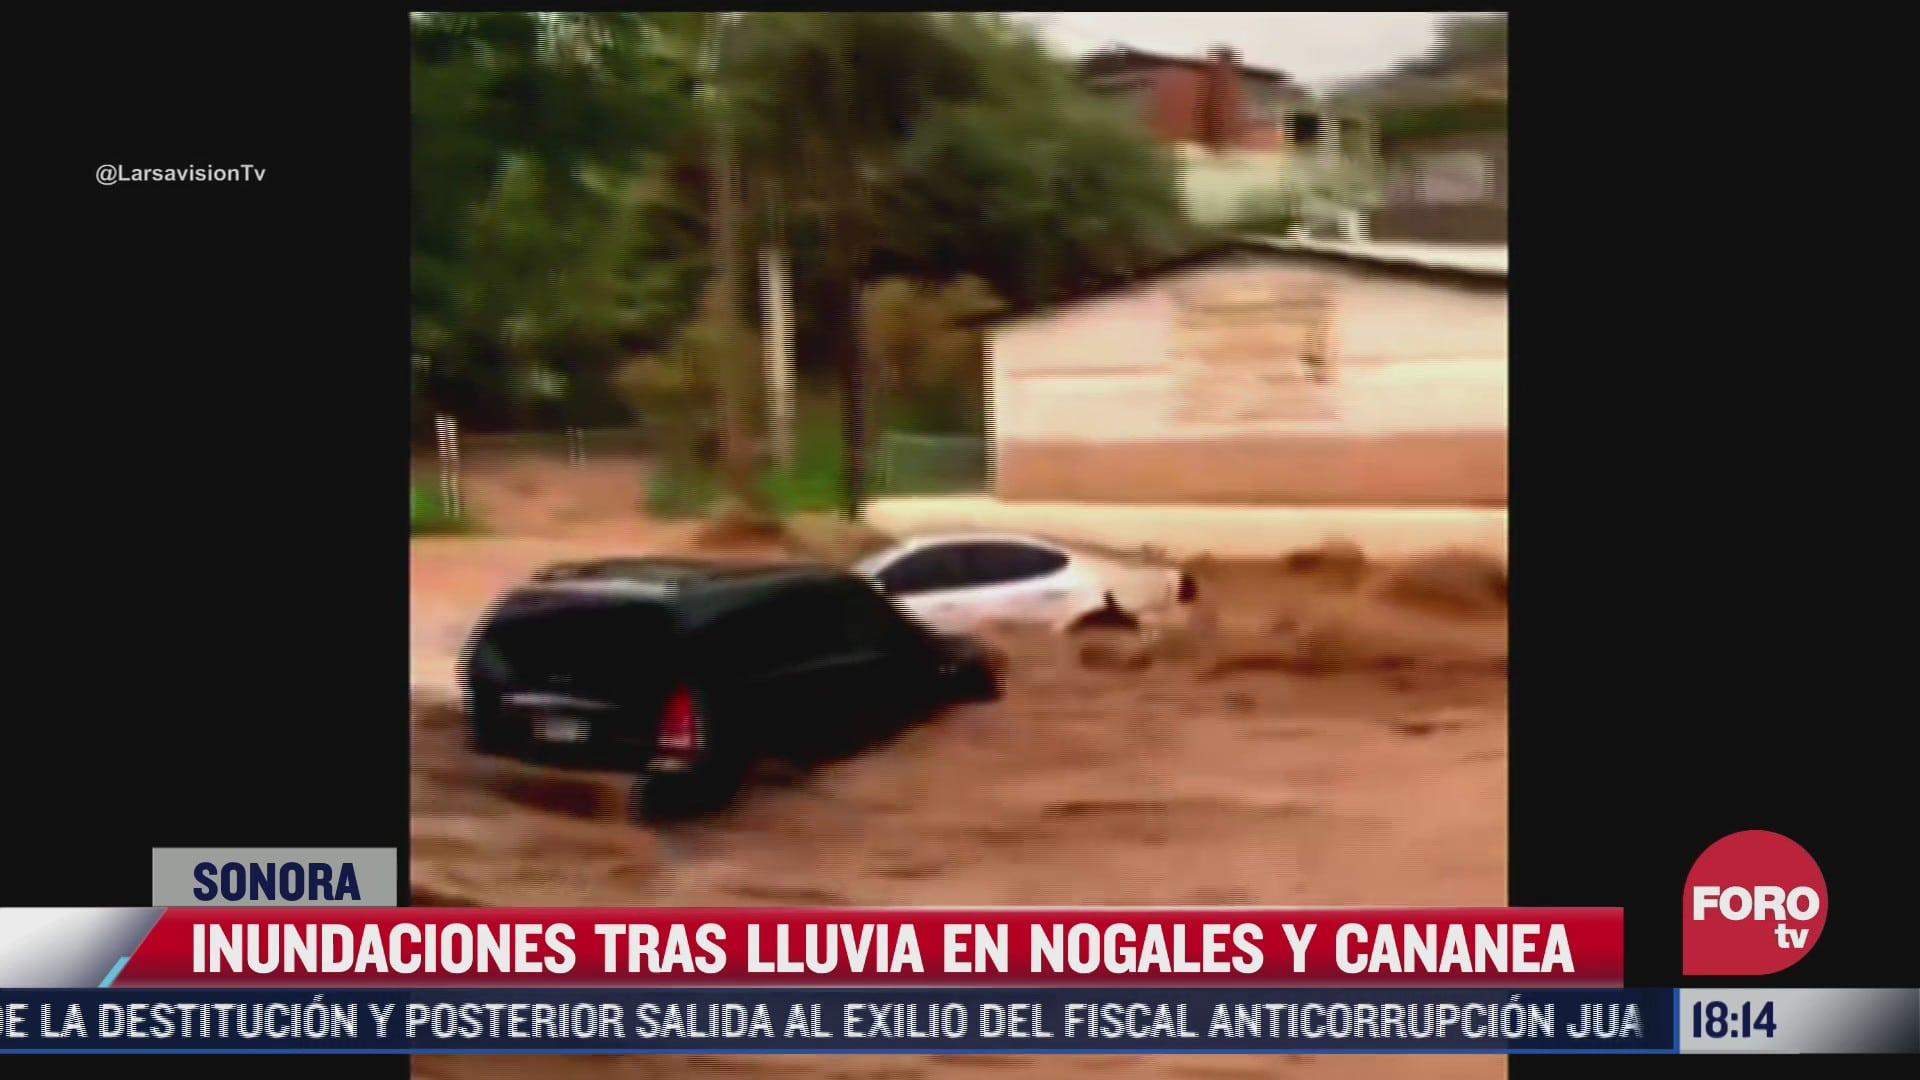 fuertes lluvias provocan desbordamiento de arroyos en nogales sonora